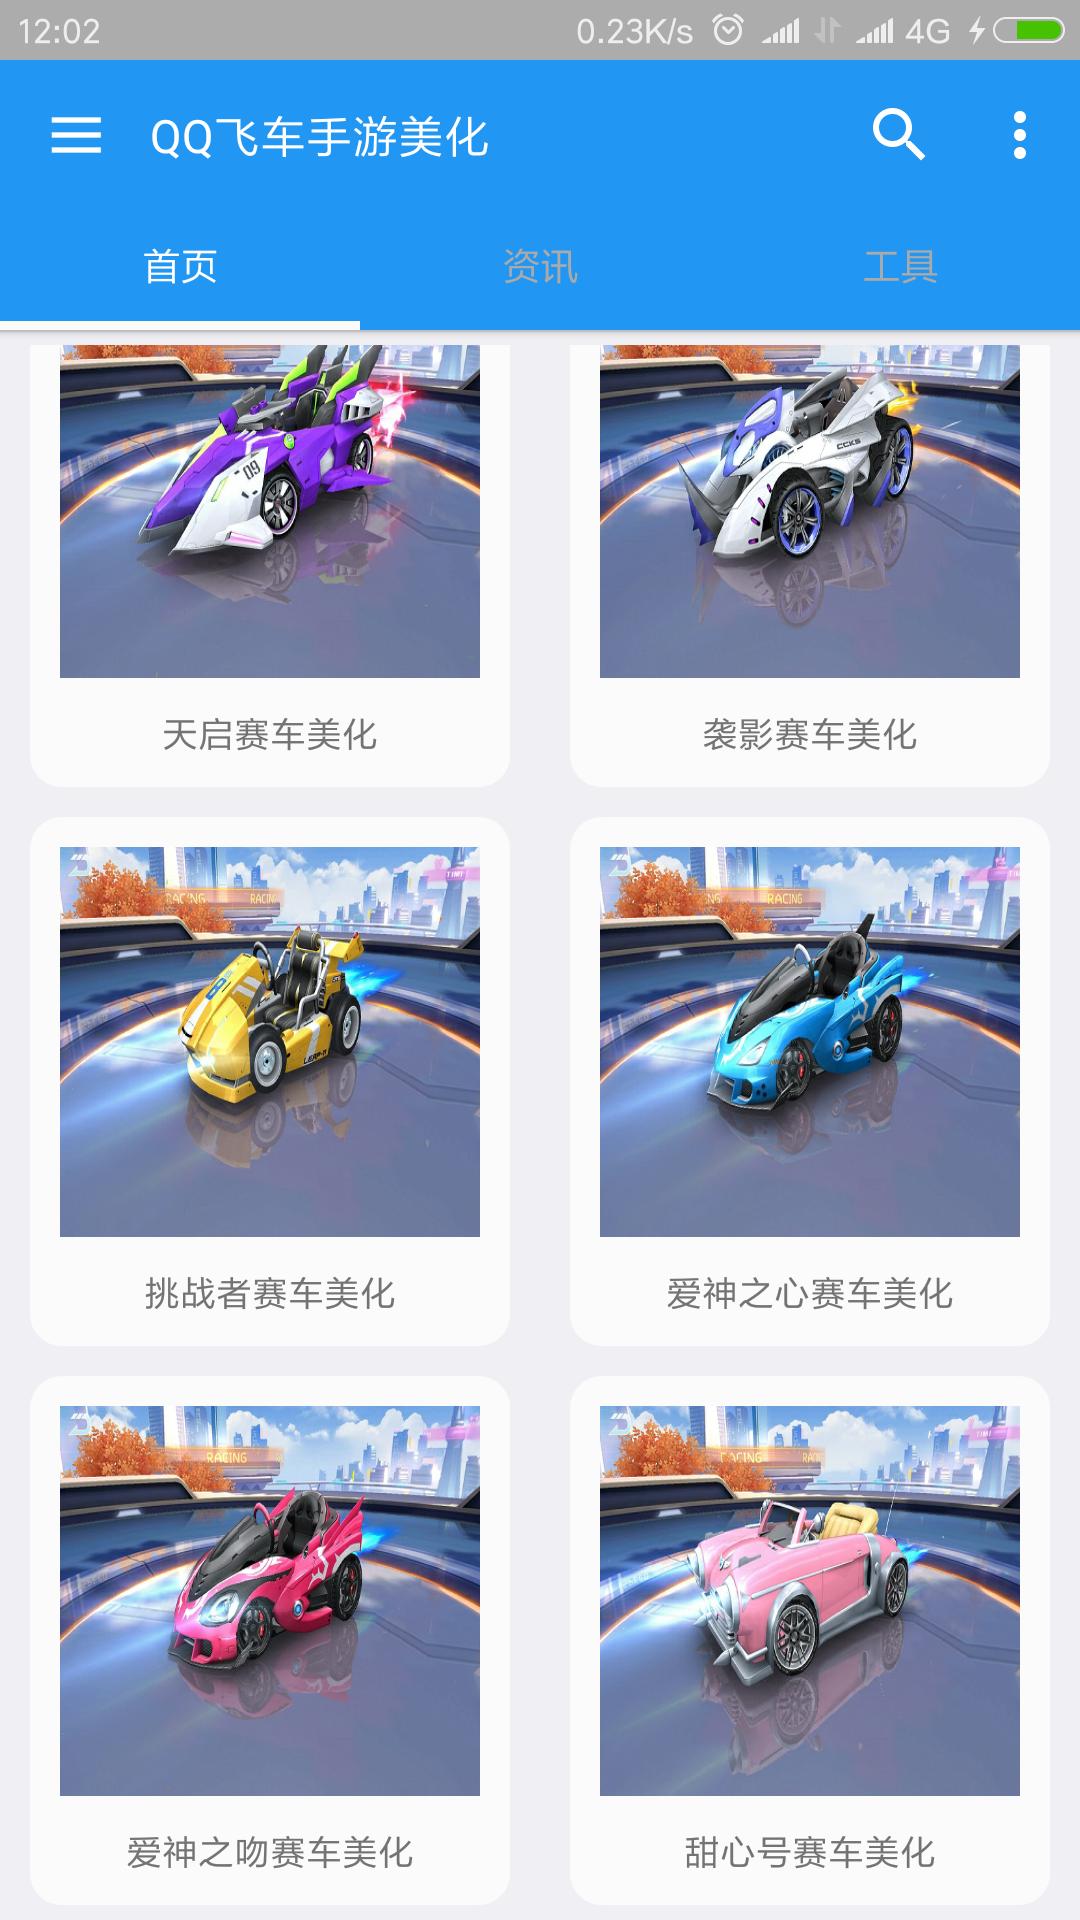 Screenshot_2018-02-01-12-02-04-593_com.speedshowmh.com.png